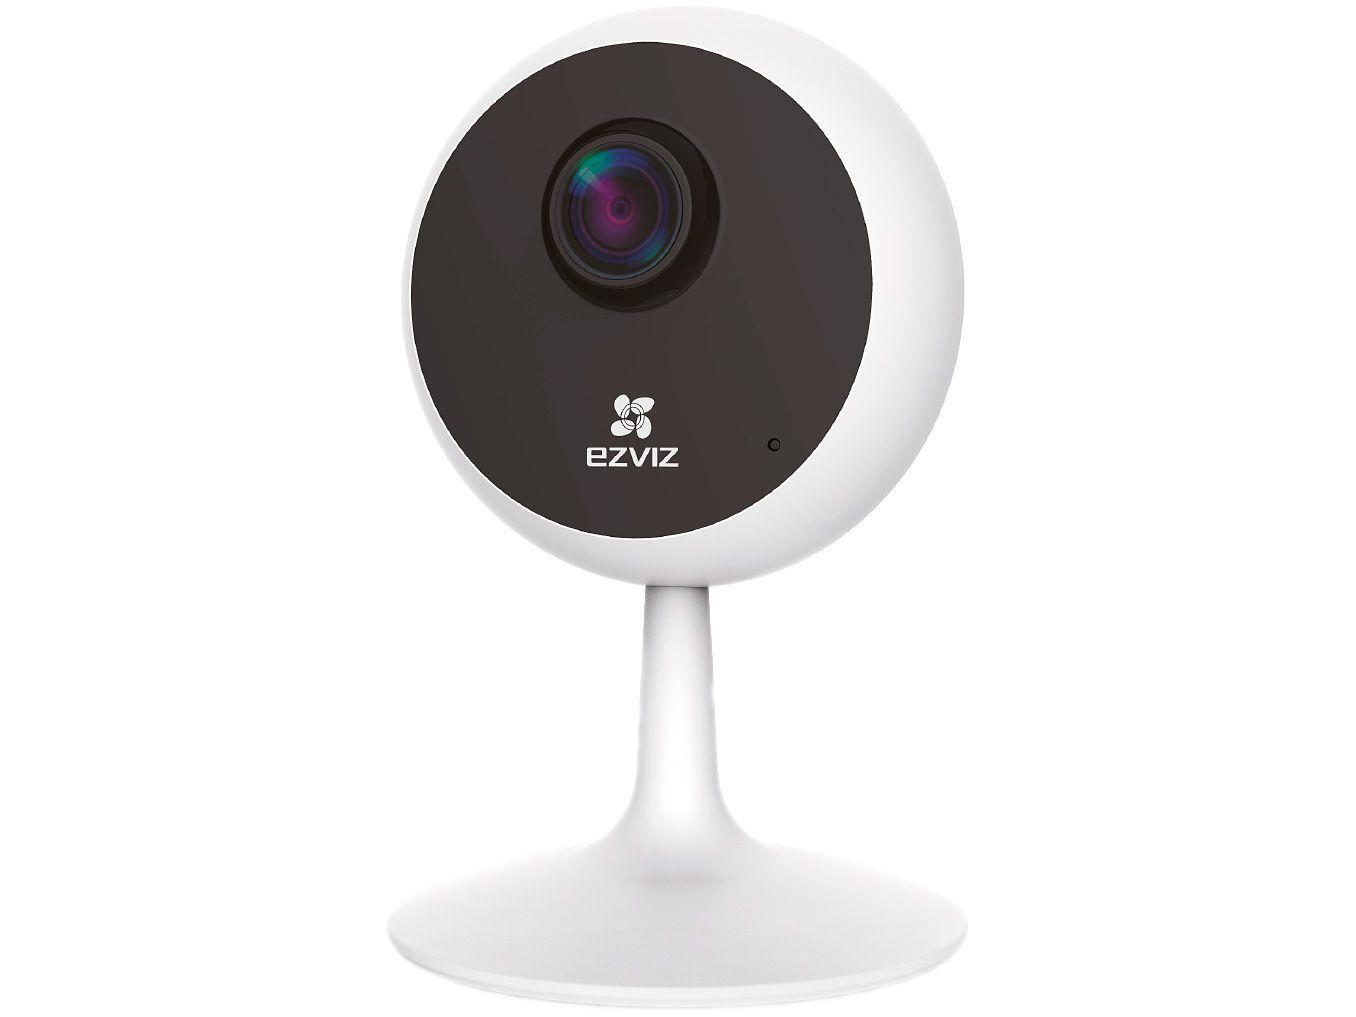 Câmera de Segurança Inteligente Wi-Fi EZVIZ IP - Full HD Interna Visão Noturna C1C